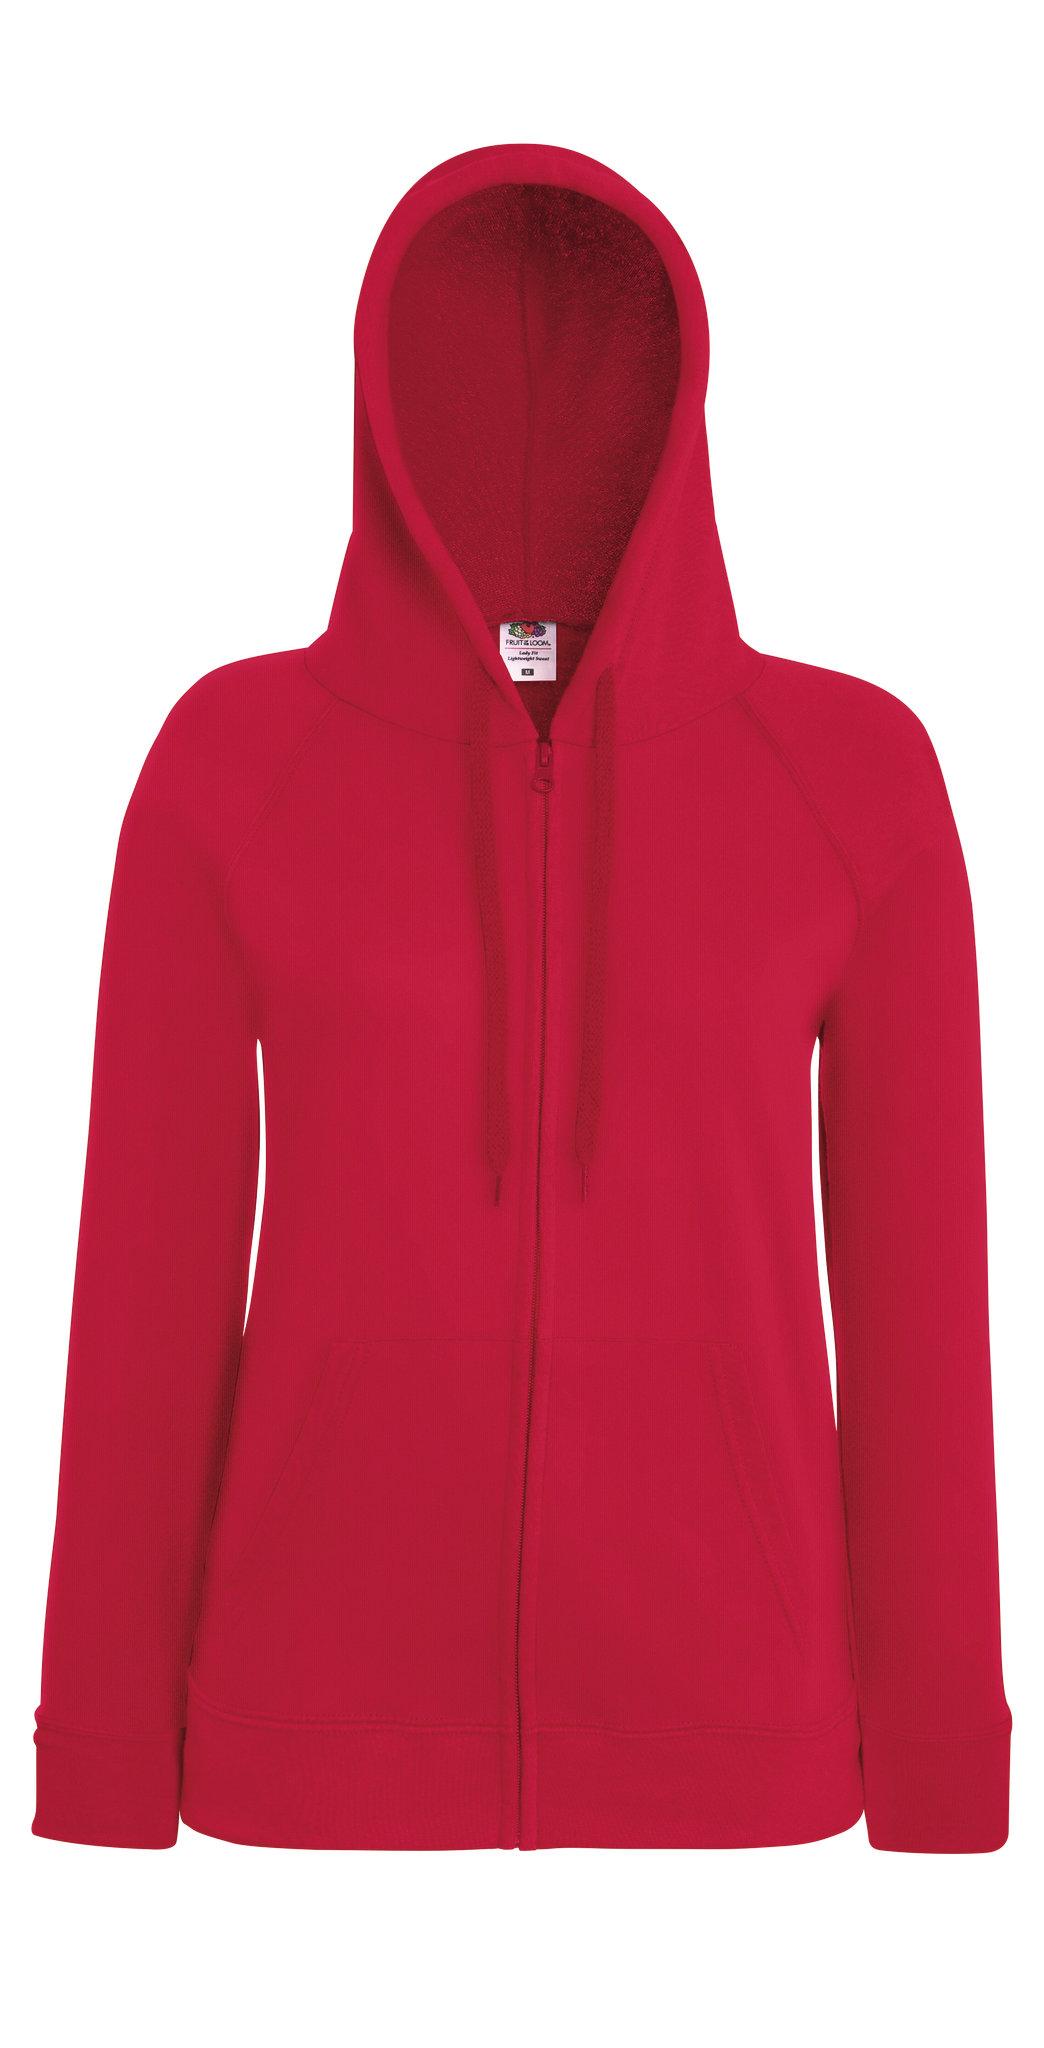 Sweatshirt à capuche promotionnel Lightweight hood rouge pour femme